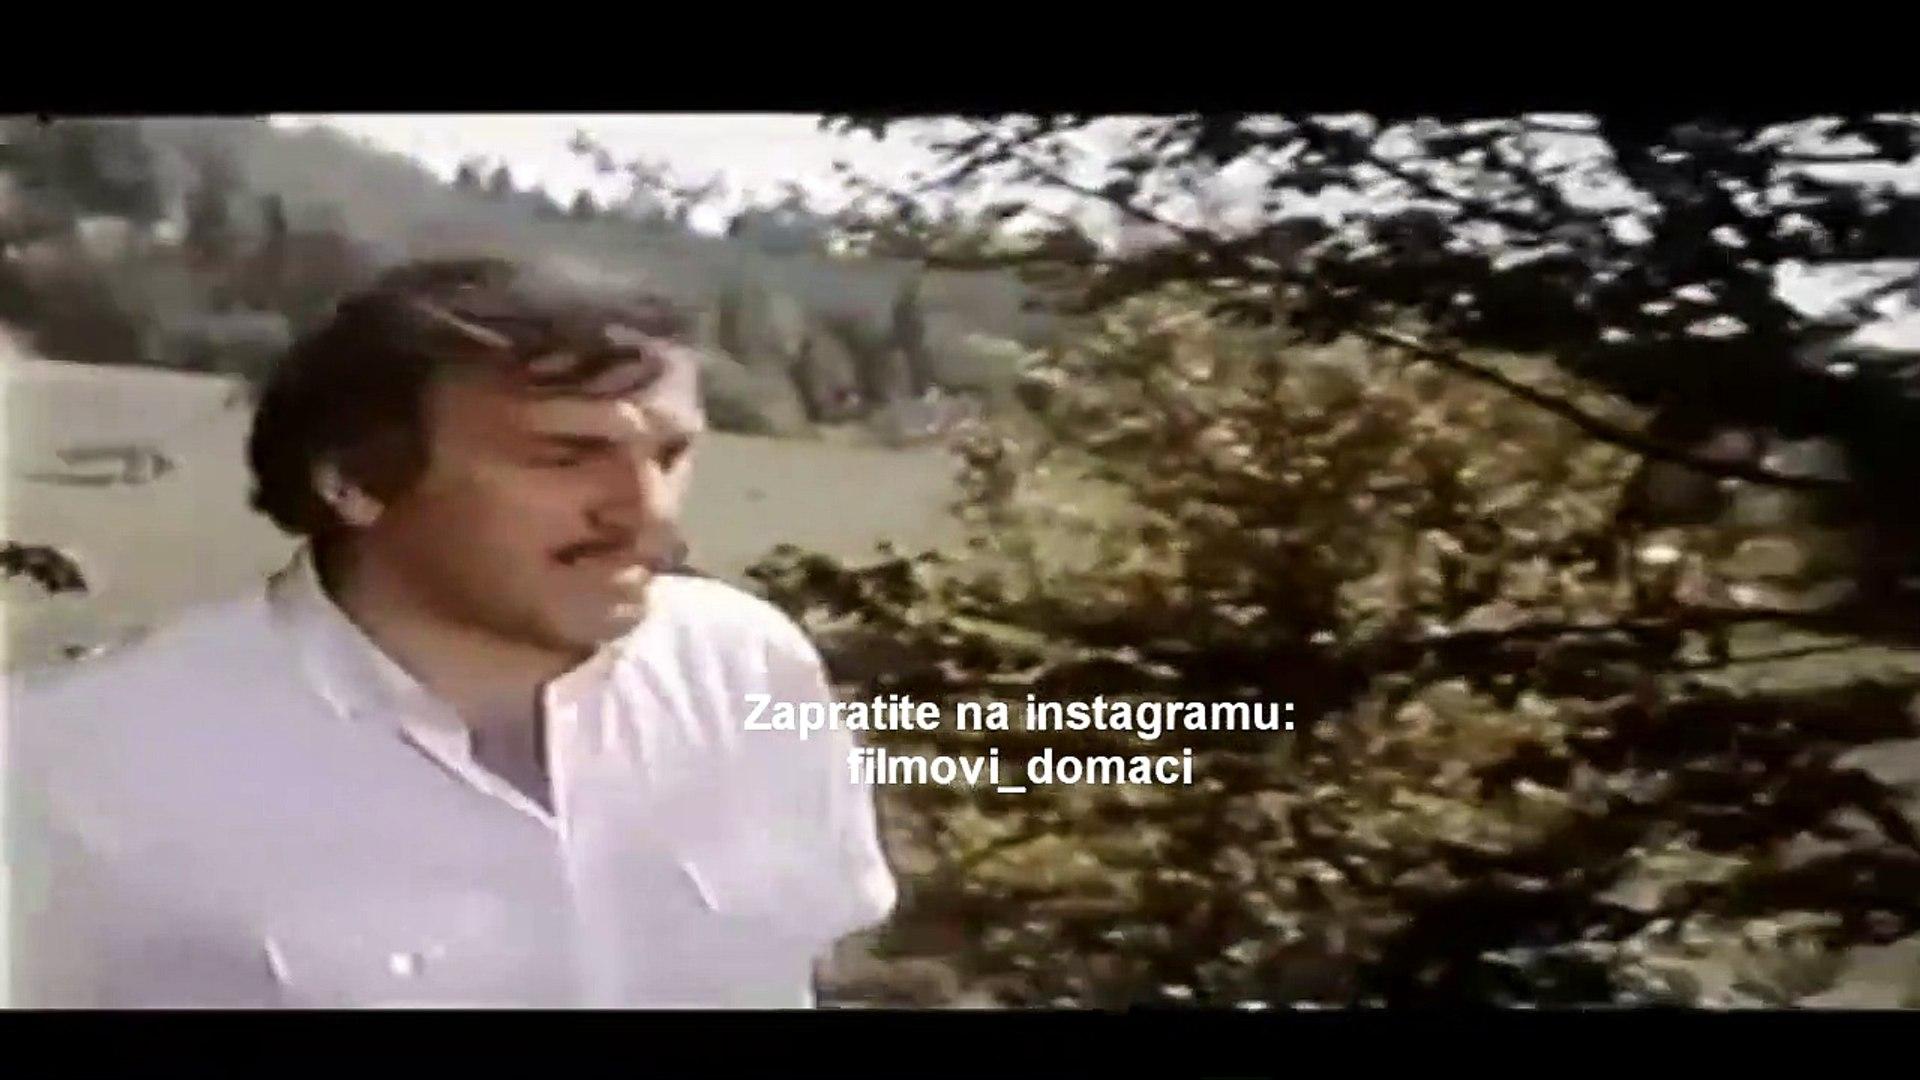 Domaci film